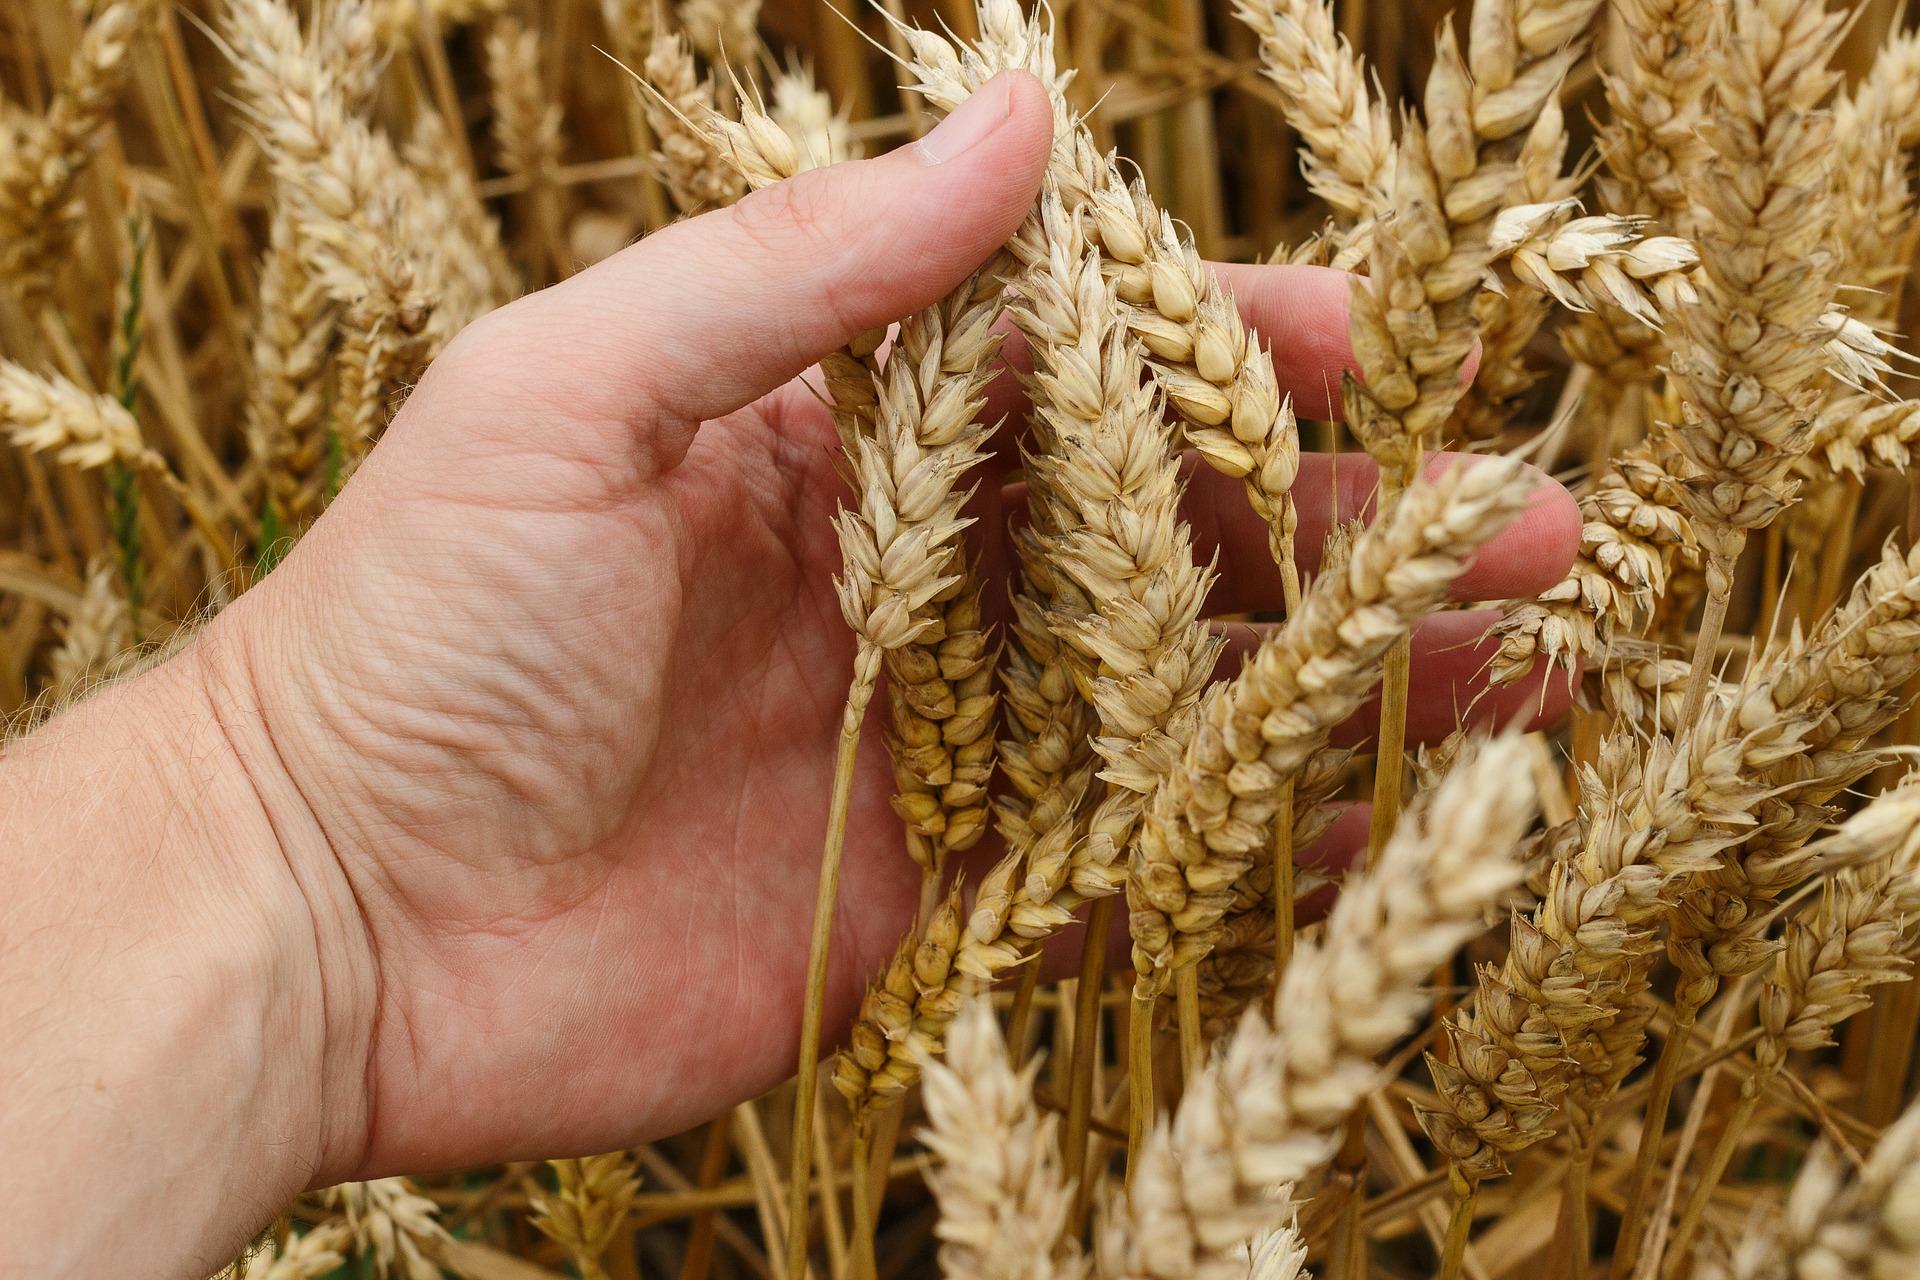 Műtrágya elővásárlás: így függ össze a tápanyagellátás a termés minőségével